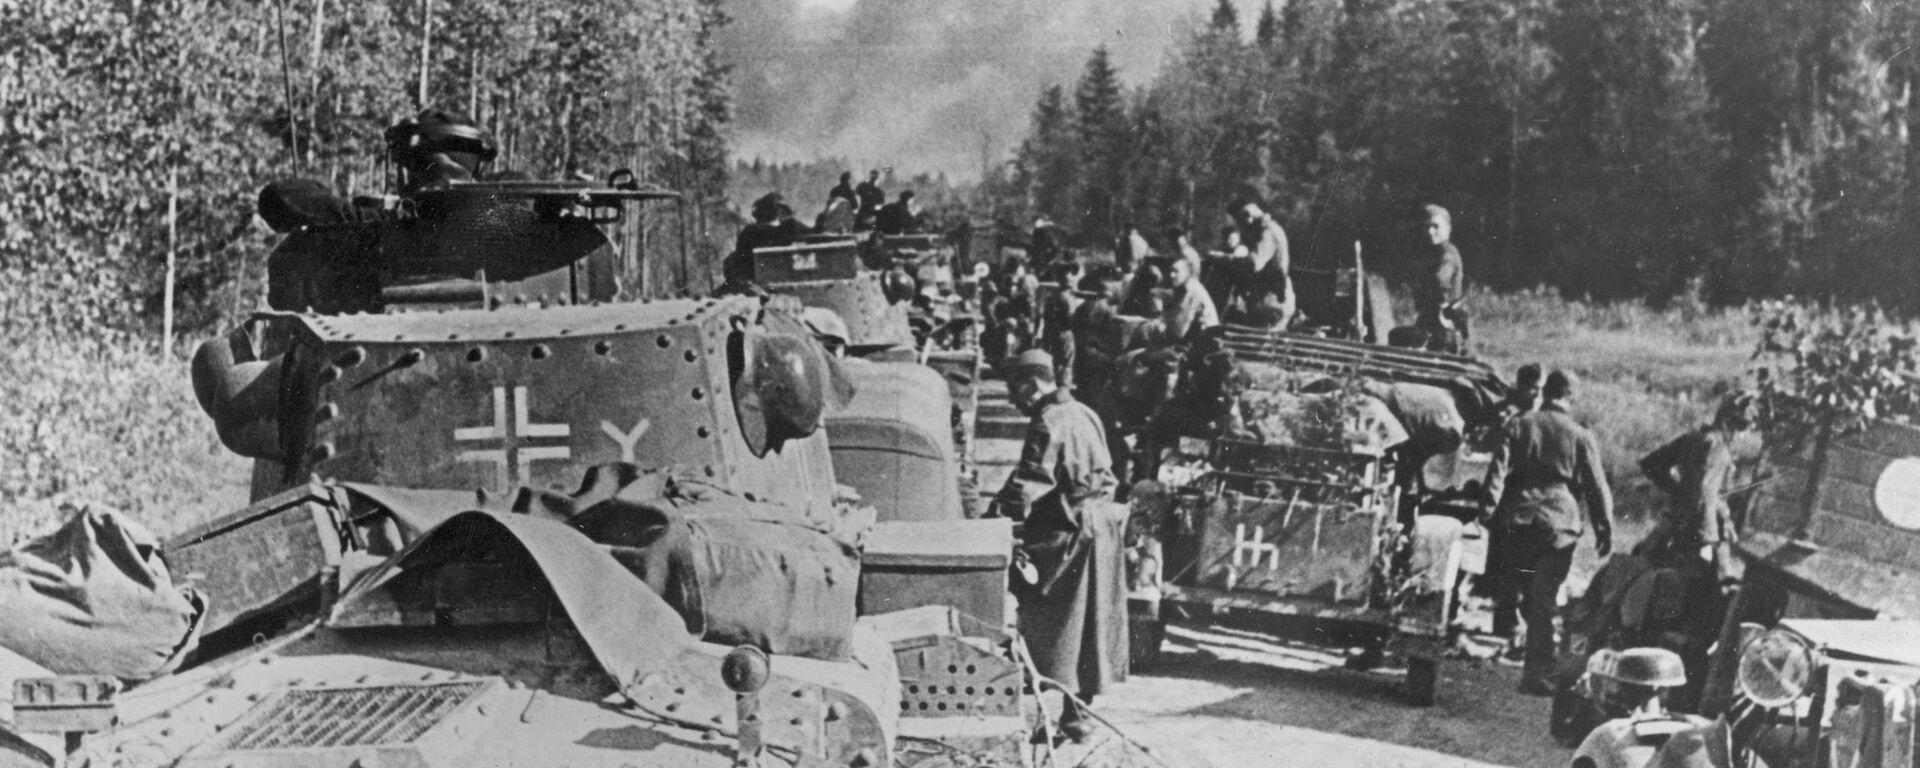 PzKpfw 38 (t) 7. tankové divize wehrmachtu během útoku na Moskvu - Sputnik Česká republika, 1920, 22.06.2021